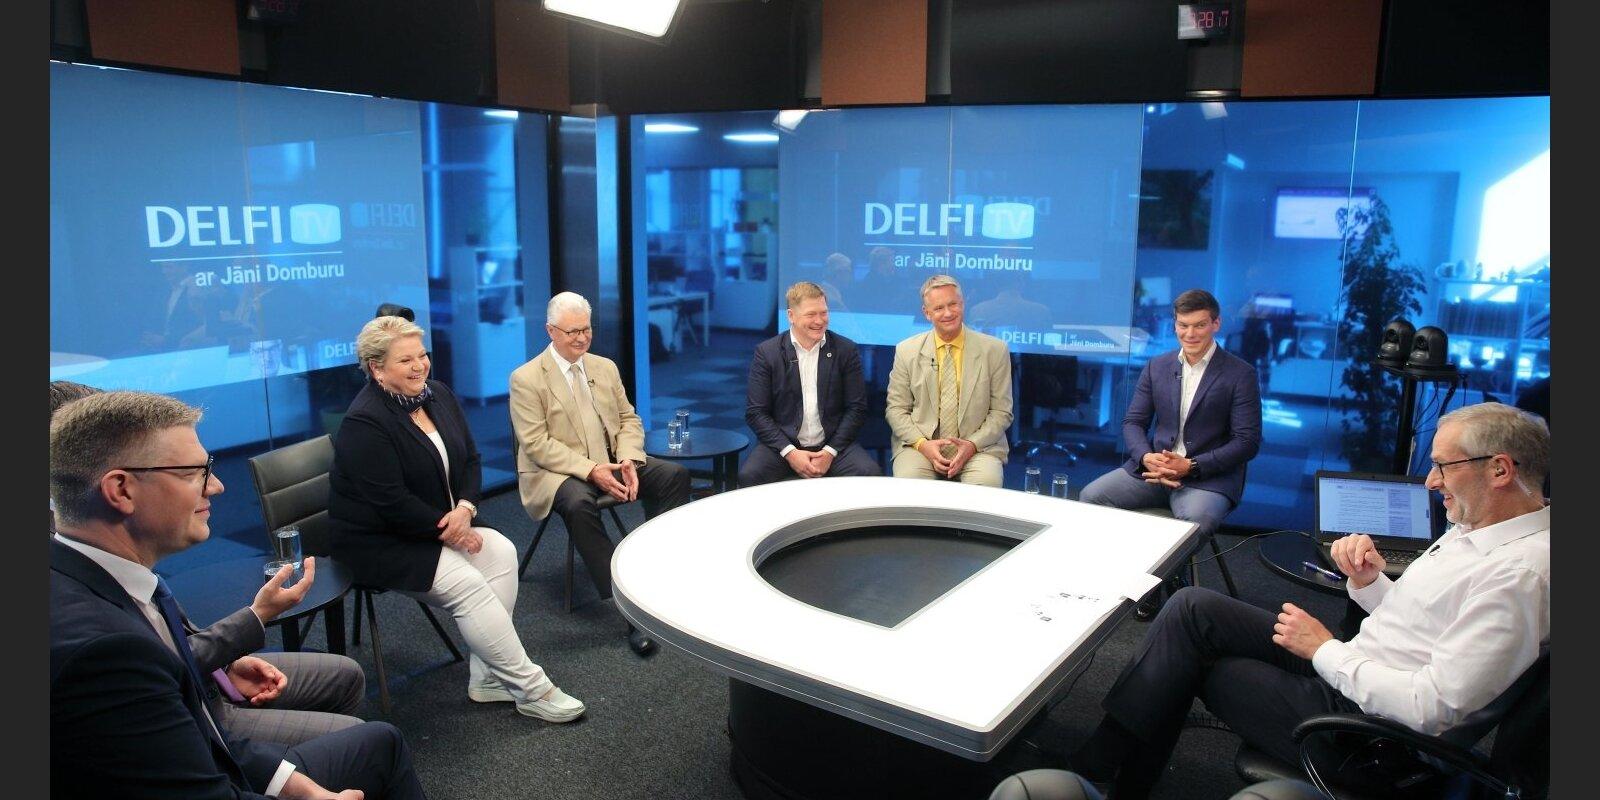 'Delfi TV ar Jāni Domburu' atbild Rīgas mērs Turlais un frakciju vadītāji. Diskusijas teksts